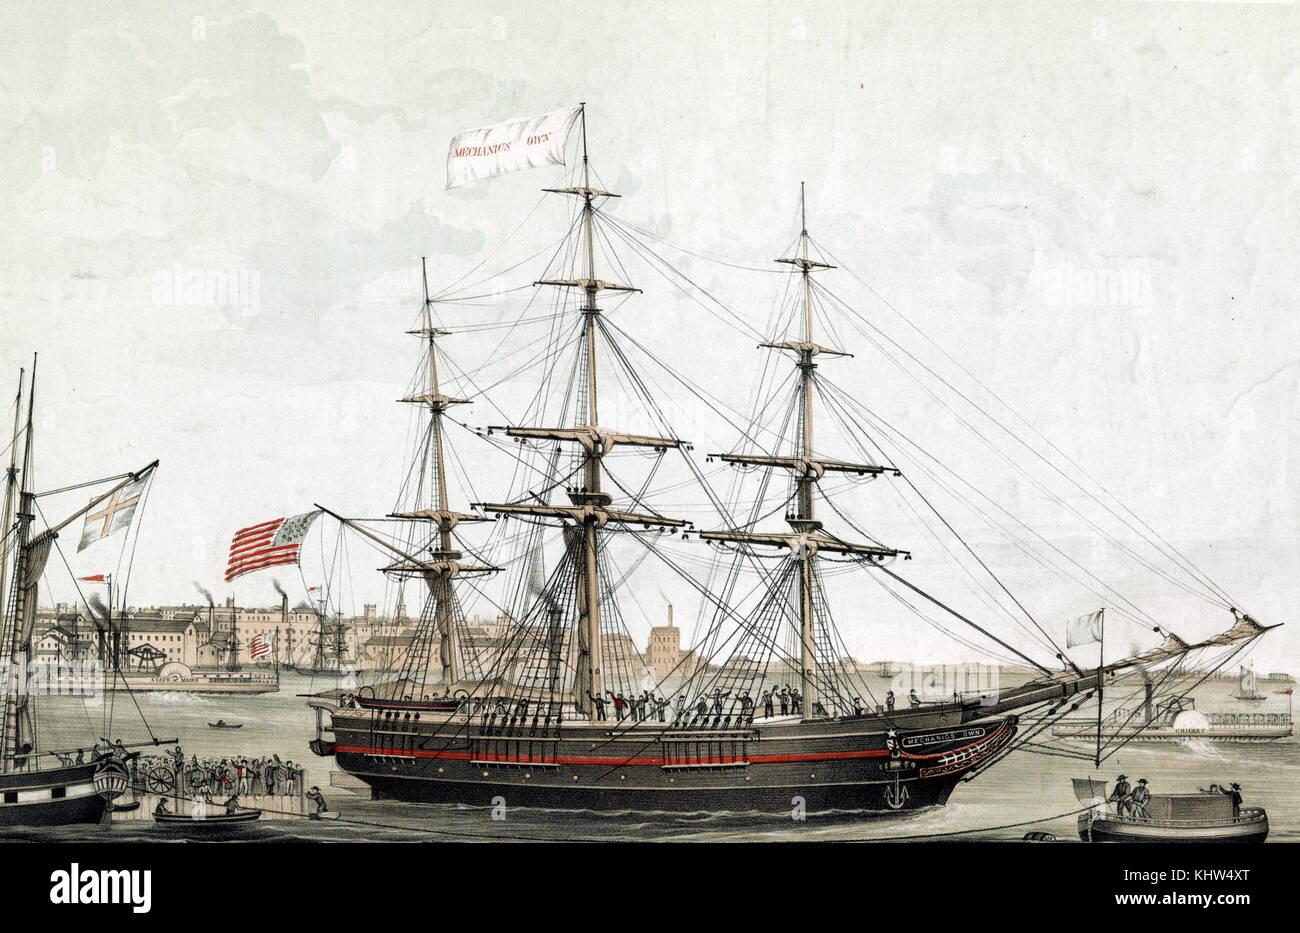 Impression couleur représentant le navire 'Mechanics' propre', construit pour le Mechanics Mining Photo Stock